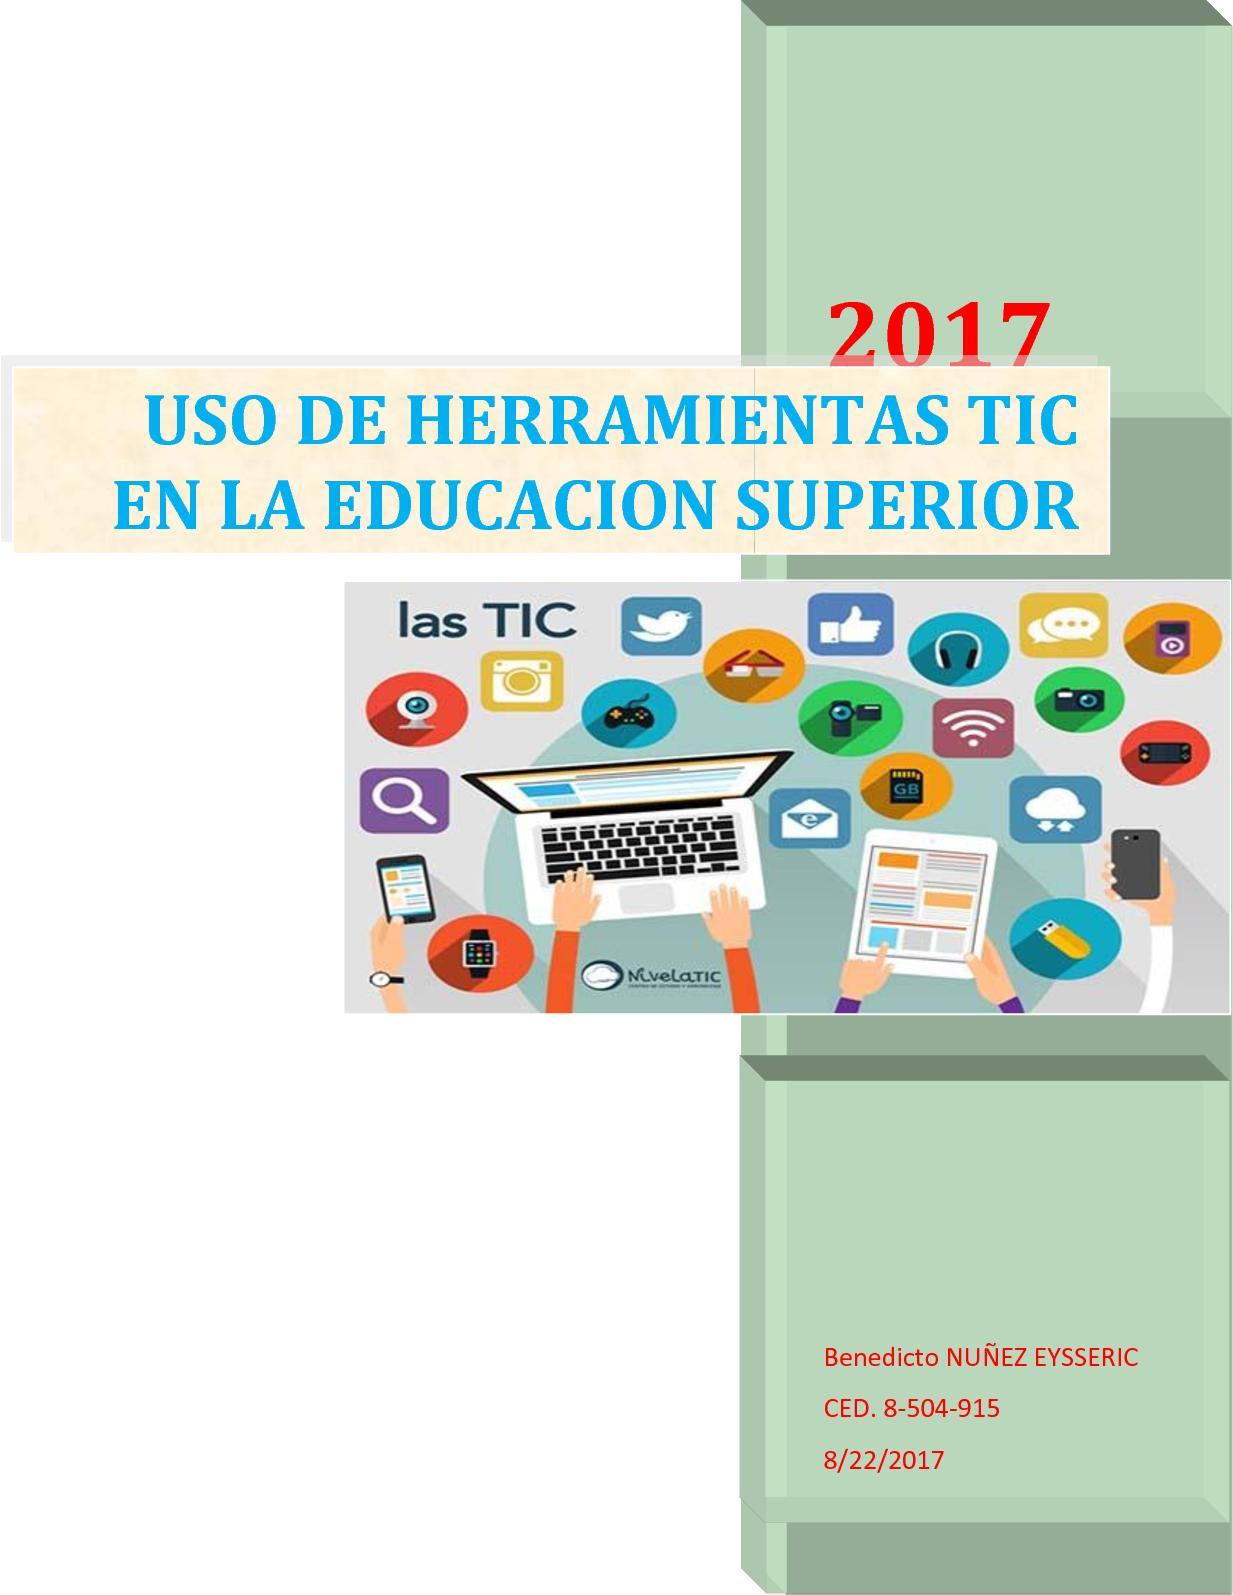 Monografia Uso De Los Tic En La Educacion Superior Benedicto Nuñez